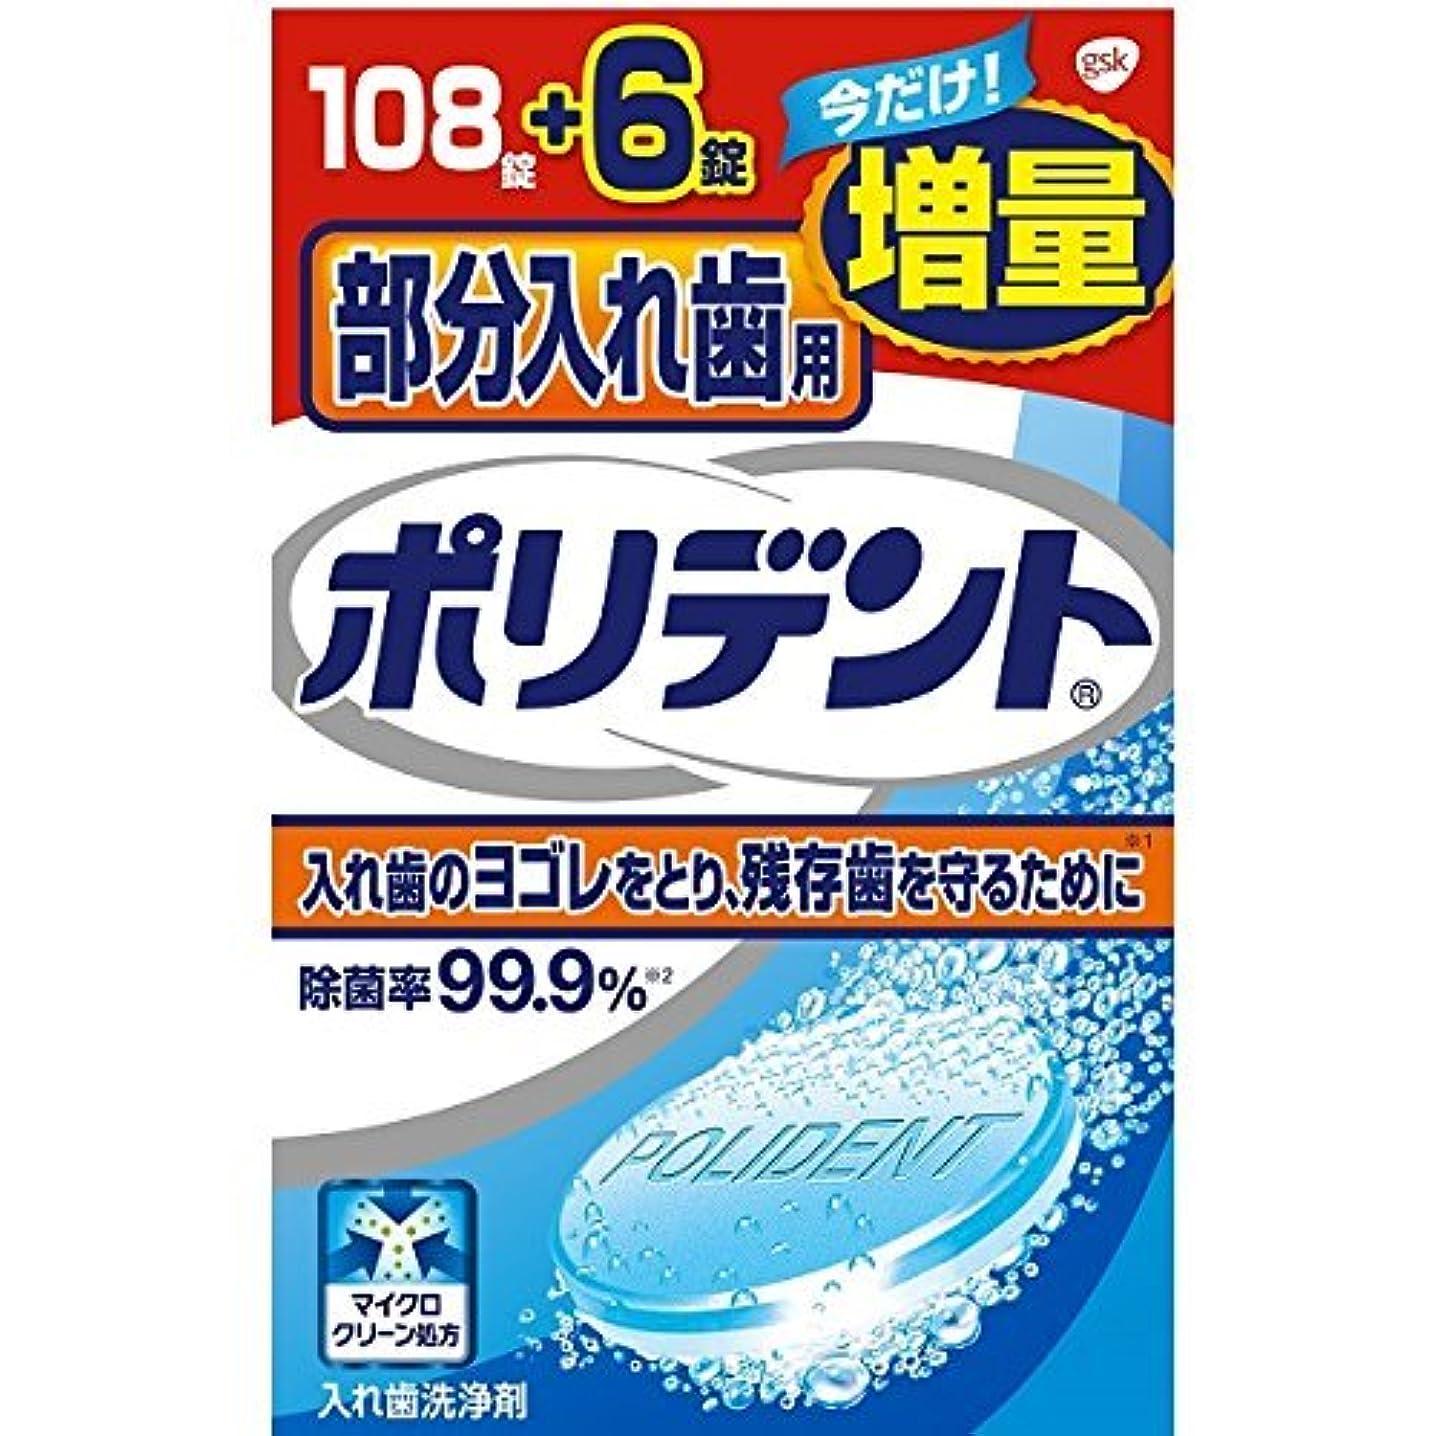 ユーモラス失敗格納部分入れ歯用ポリデント 108錠+6錠増量品